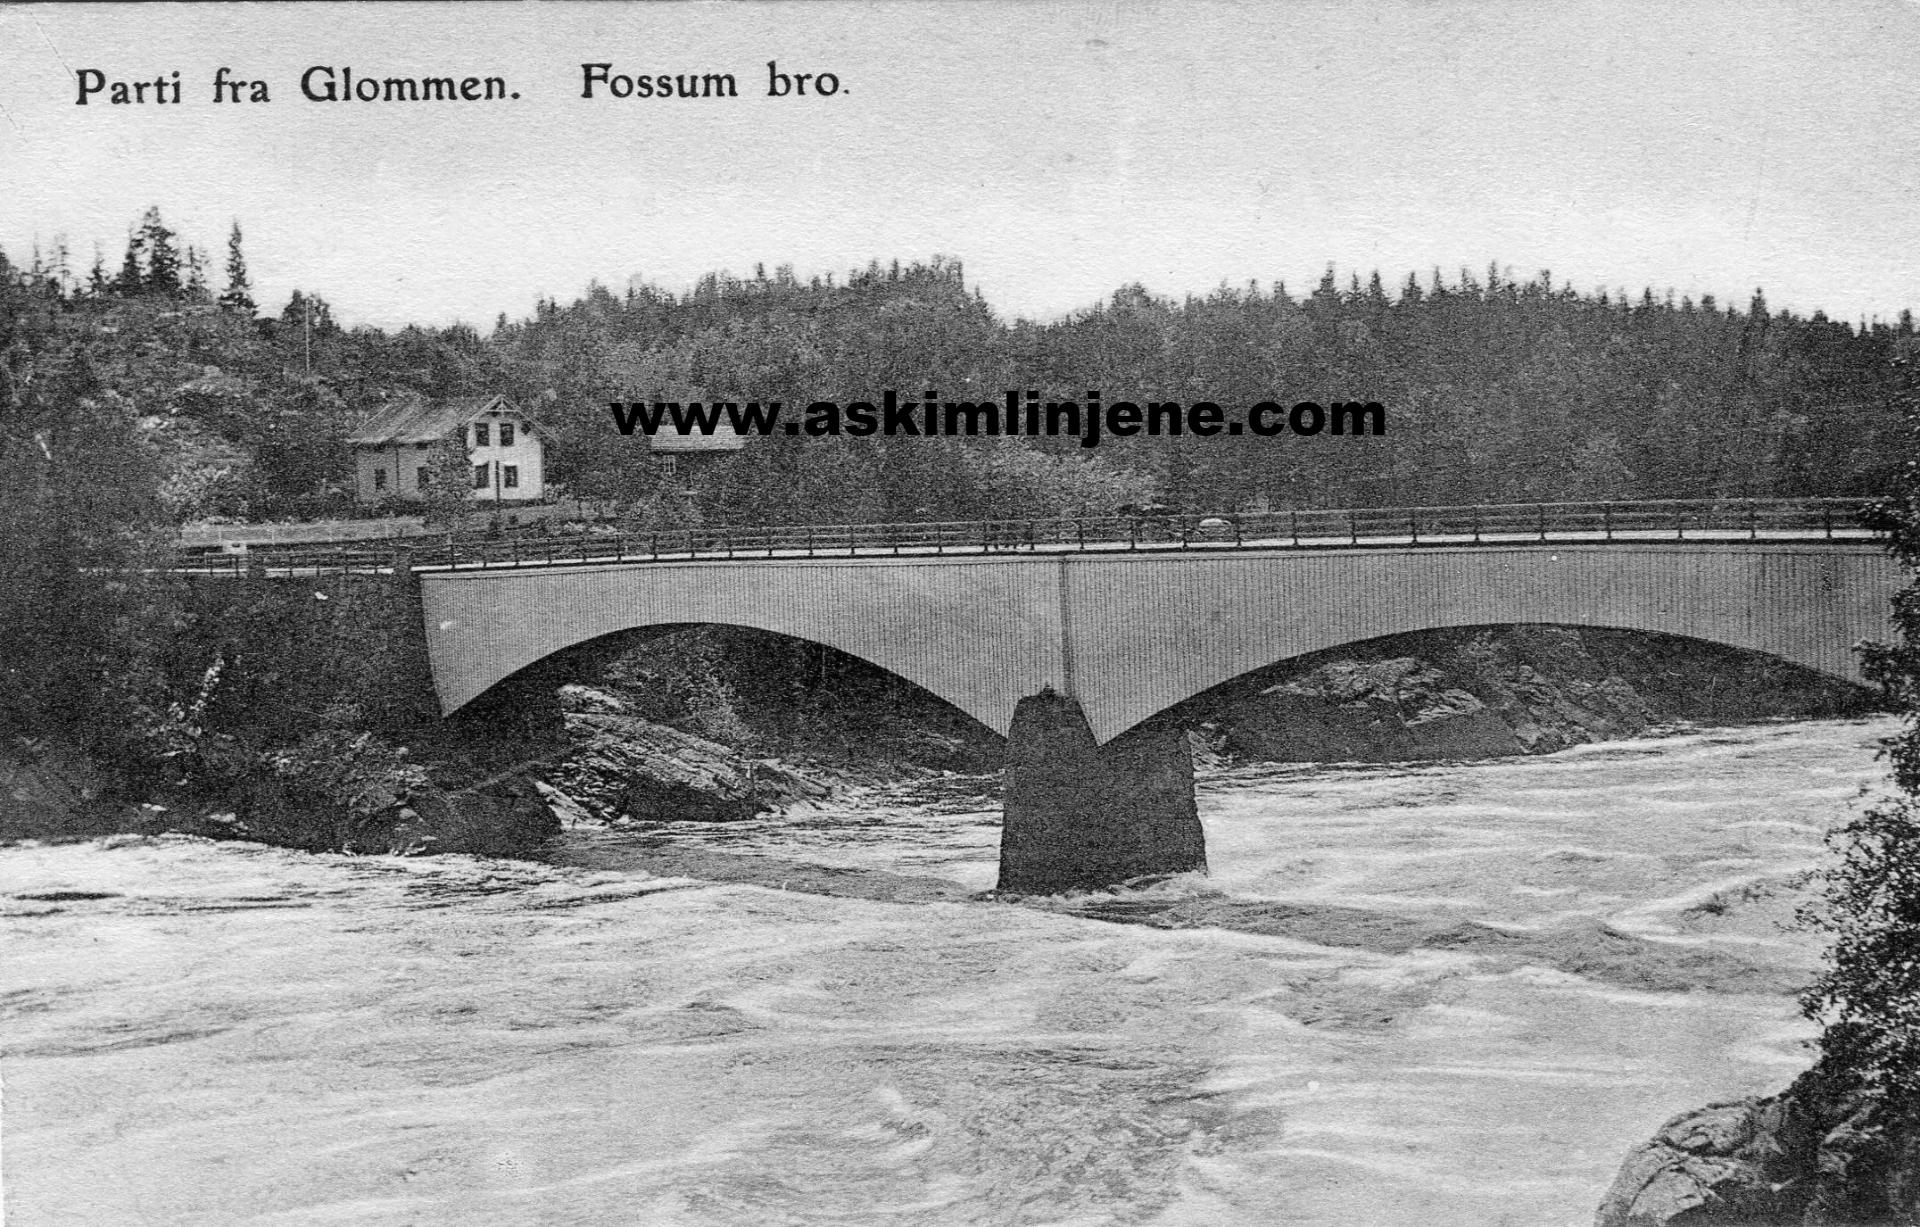 Fossum bro 1906